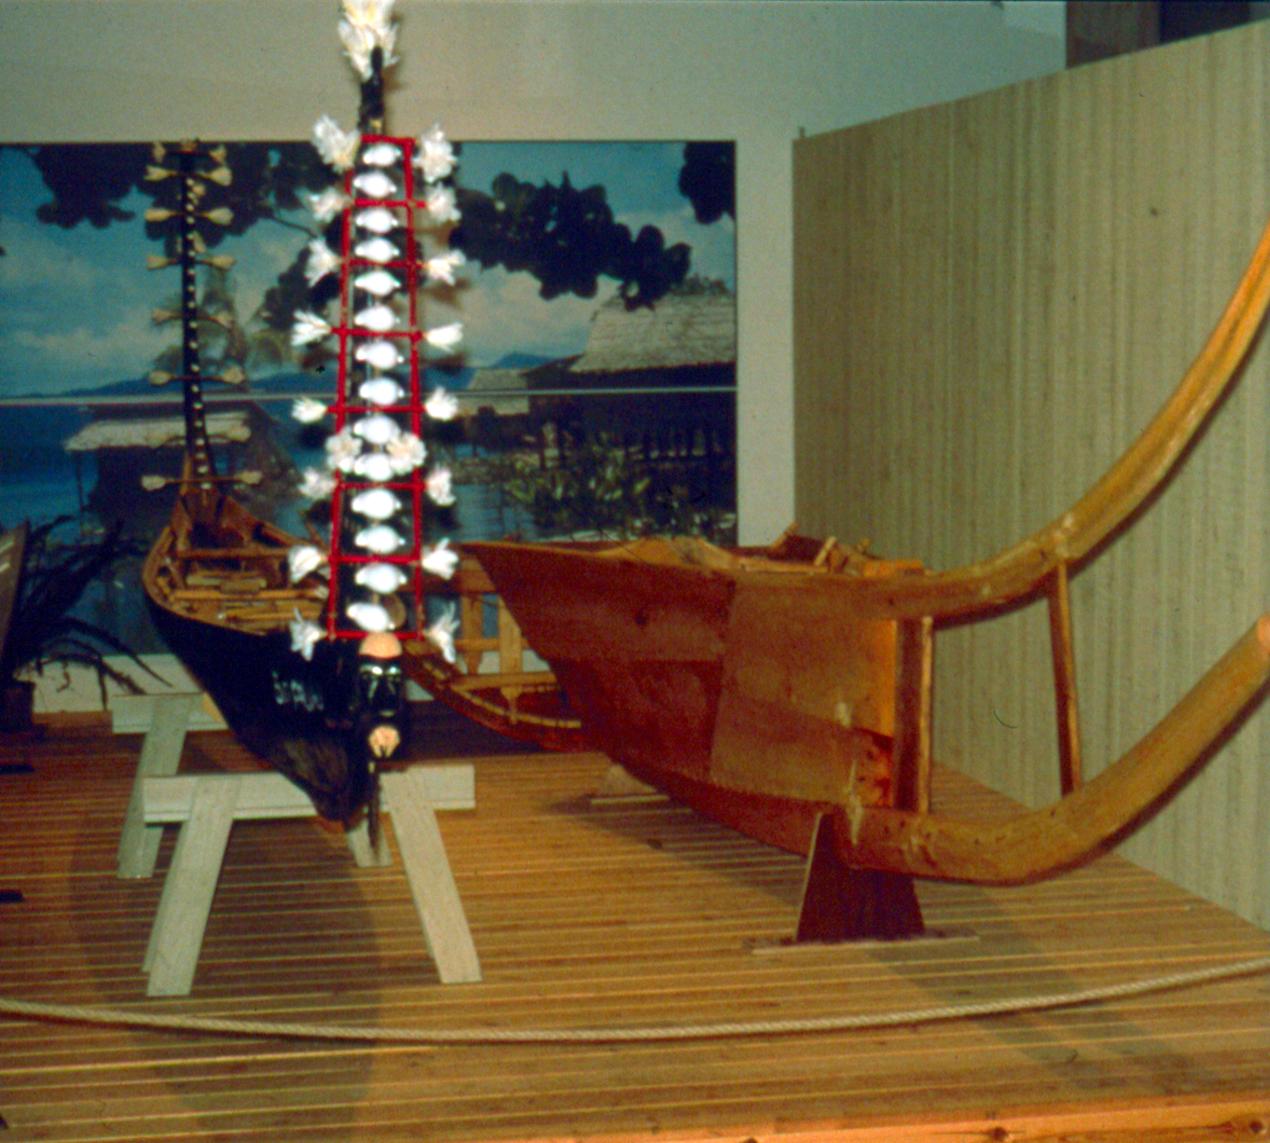 Prøvestykkerne i Vikingeskibshallen i Roskilde sammen med en syet kano fra Salomonøerne.